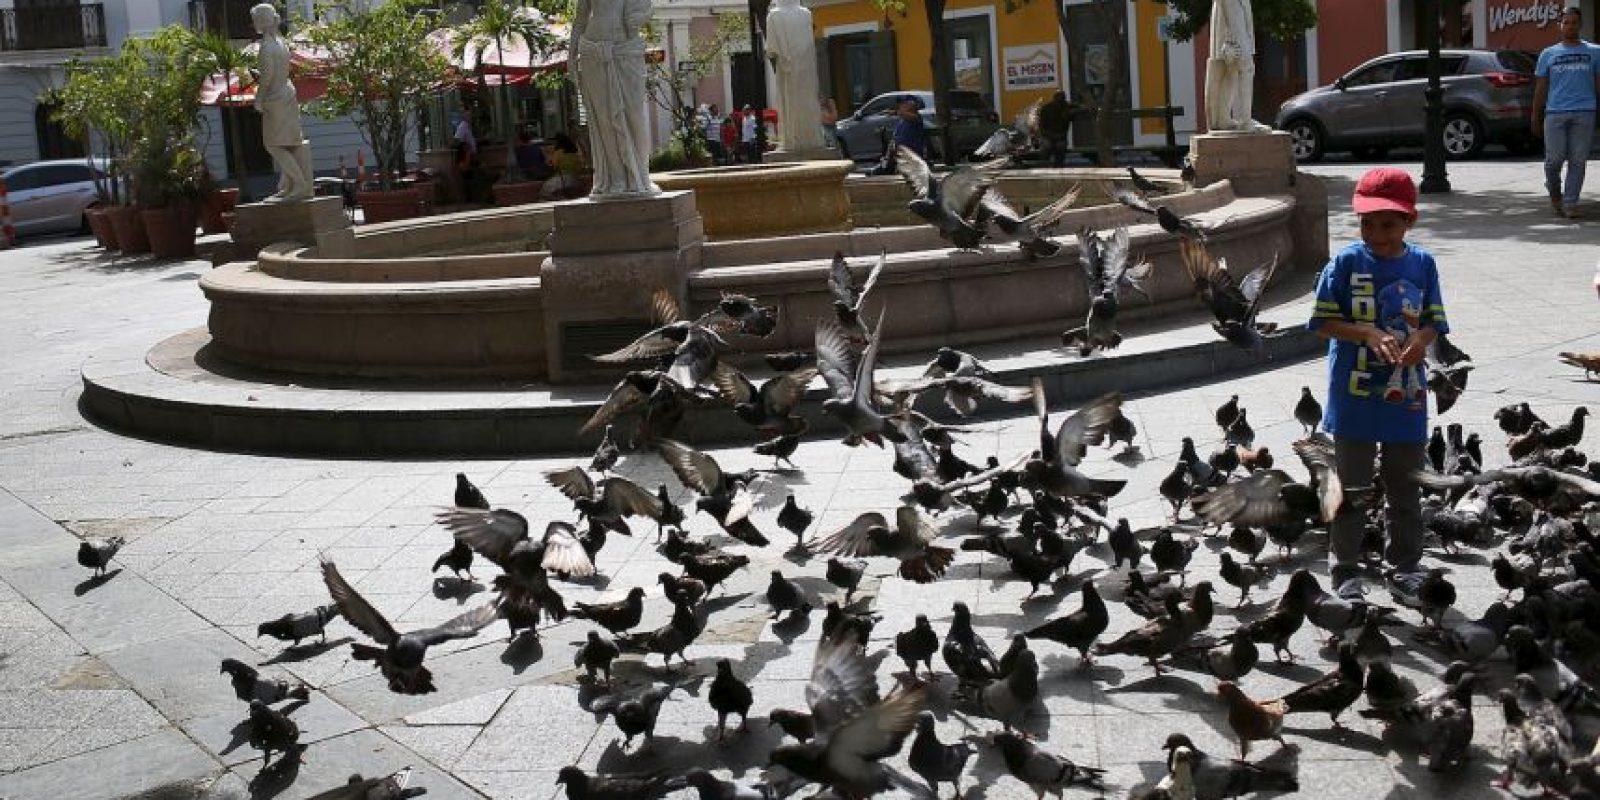 Los hechos ocurrieron en San Lorenzo, Puerto Rico. Foto:Getty Images